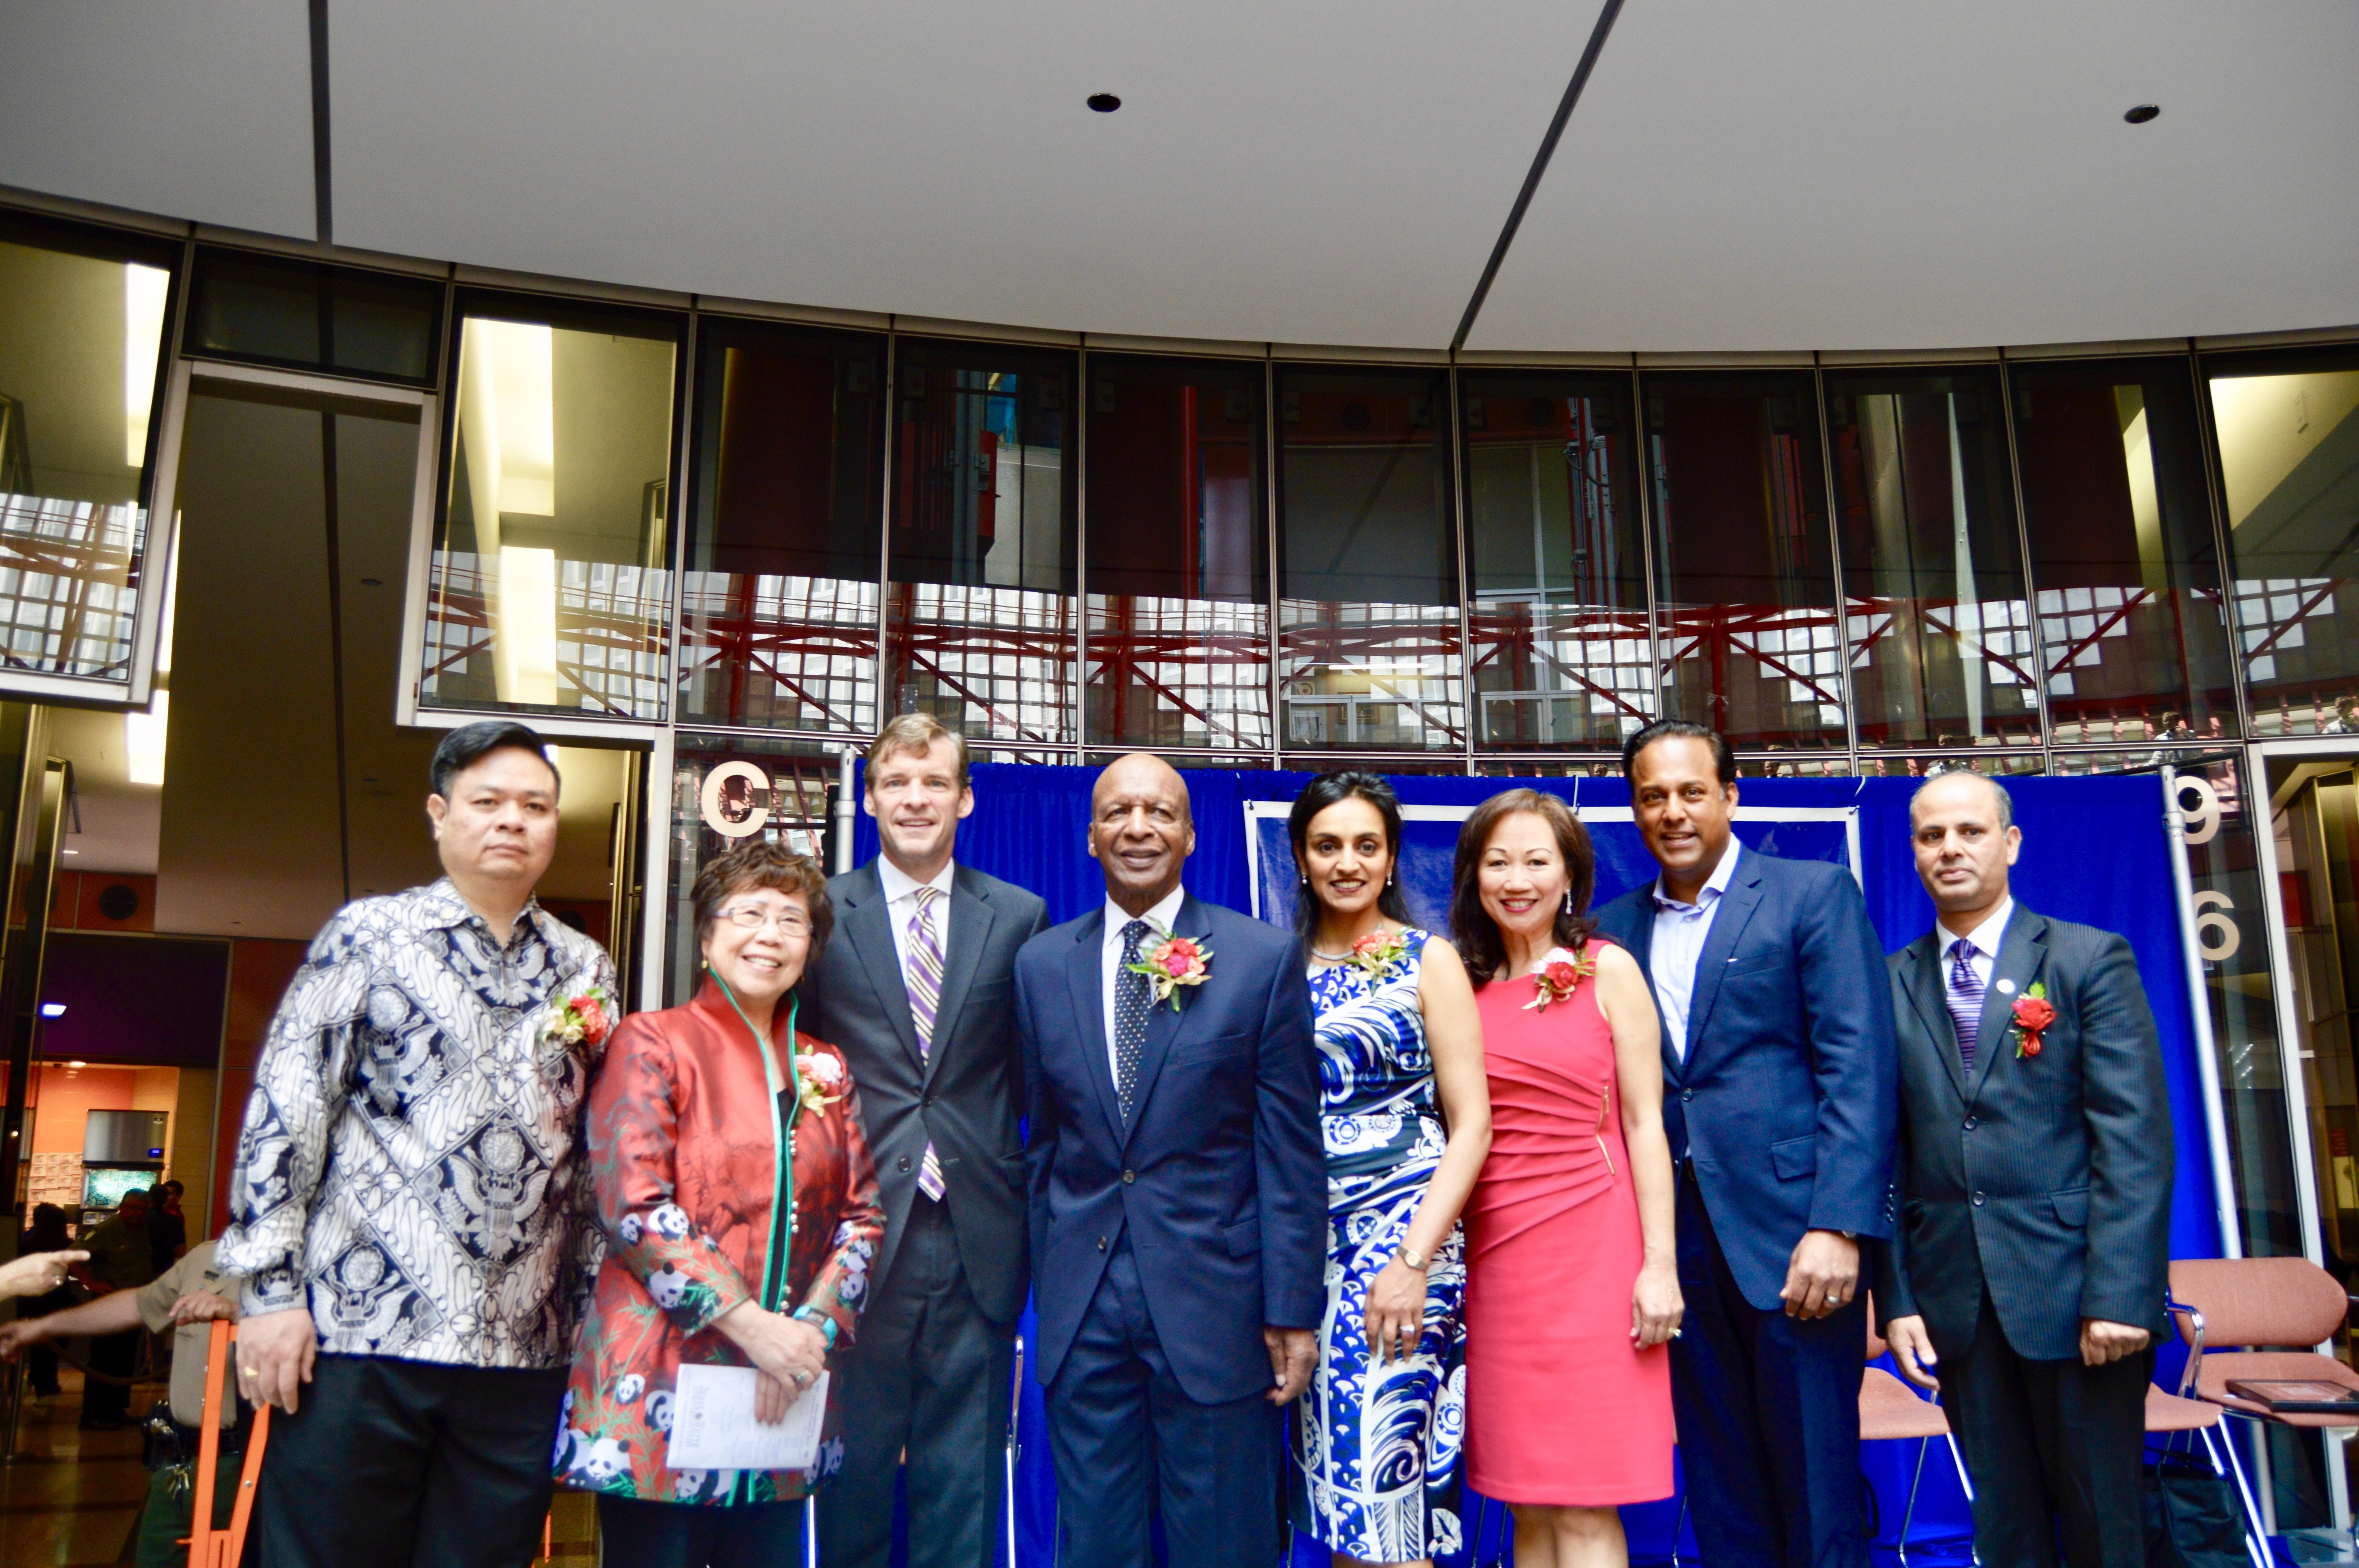 伊利諾州州務卿懷特(左四)16日在州府大樓大廳舉行的亞太裔傳統月慶祝活動,黃羅瑞雄(左二)、林珍重(右三)獲獎。(記者董宇/攝影)